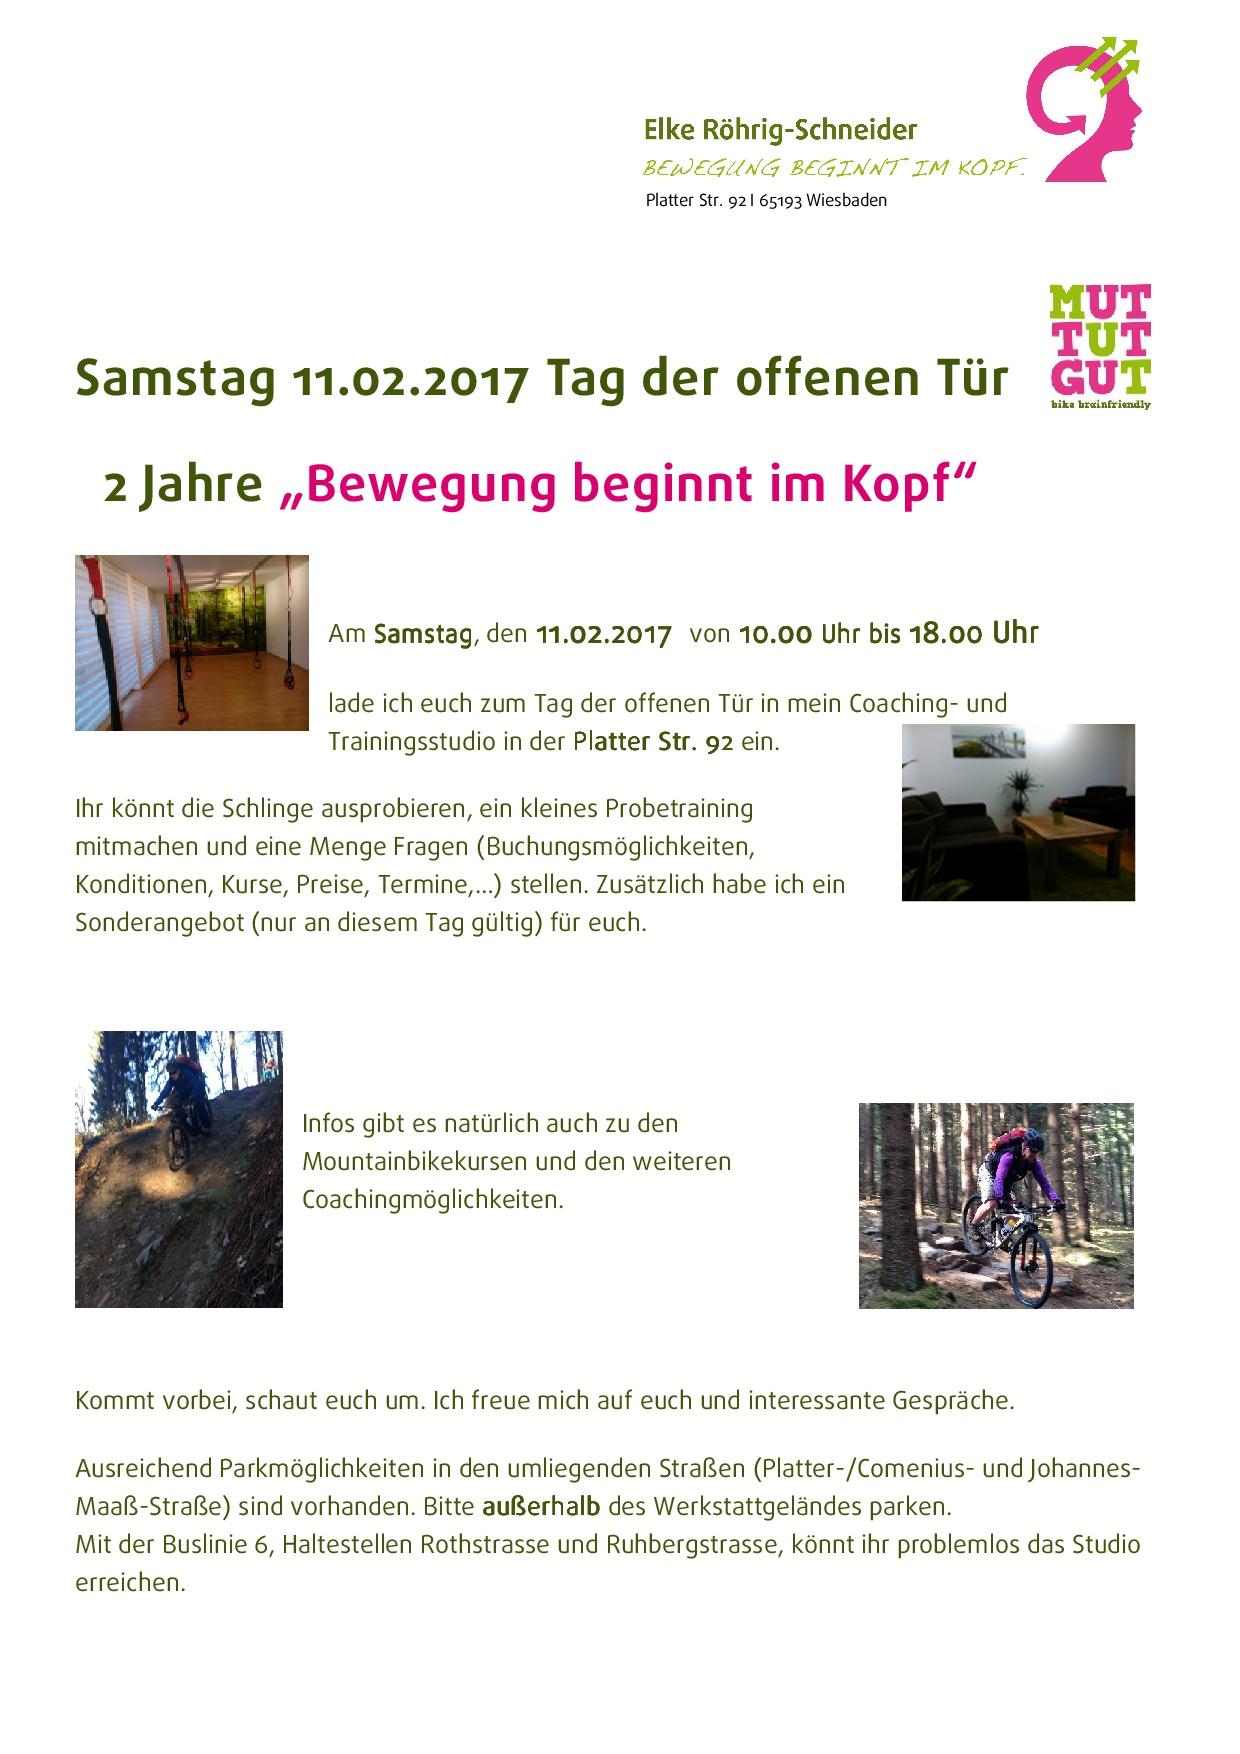 tag-der-offenen-tuer-2017